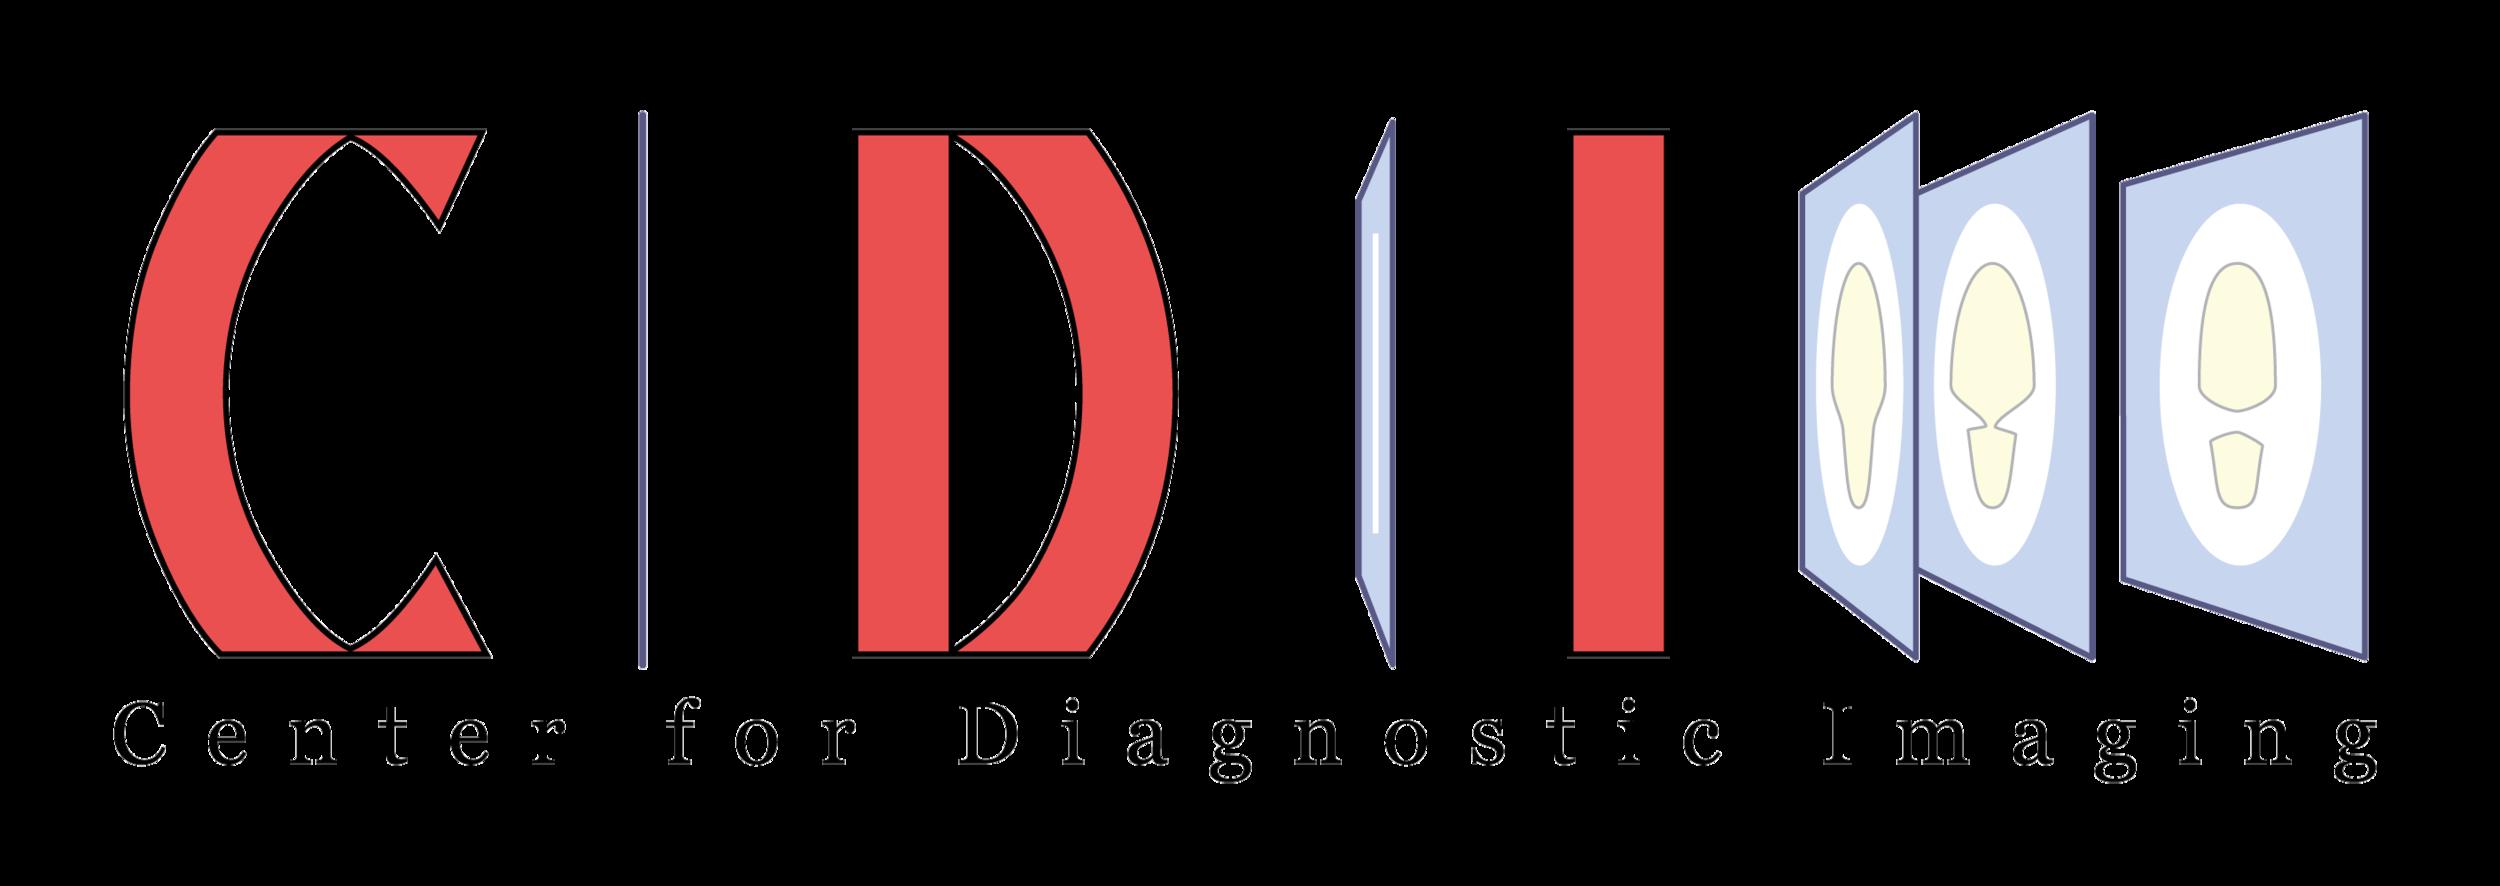 Center-For-Diagnostic-Imaging-Logo-6-v.1_IMG01.png